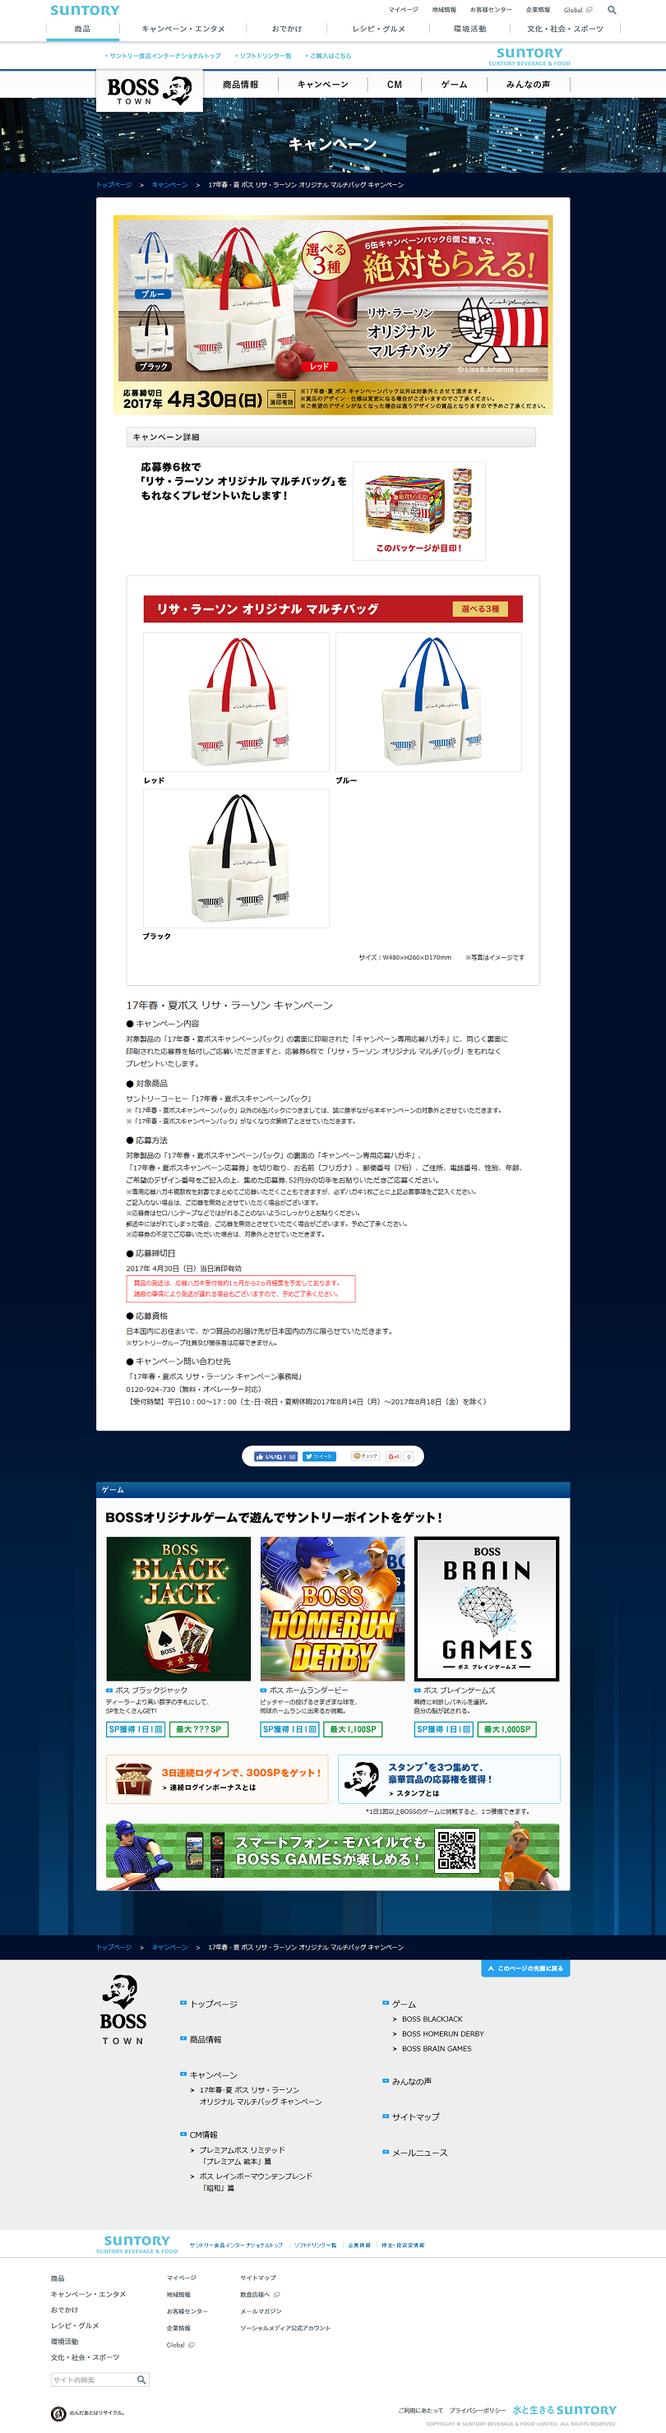 【BOSS】リサ・ラーソン マルチバッグ キャンペーン